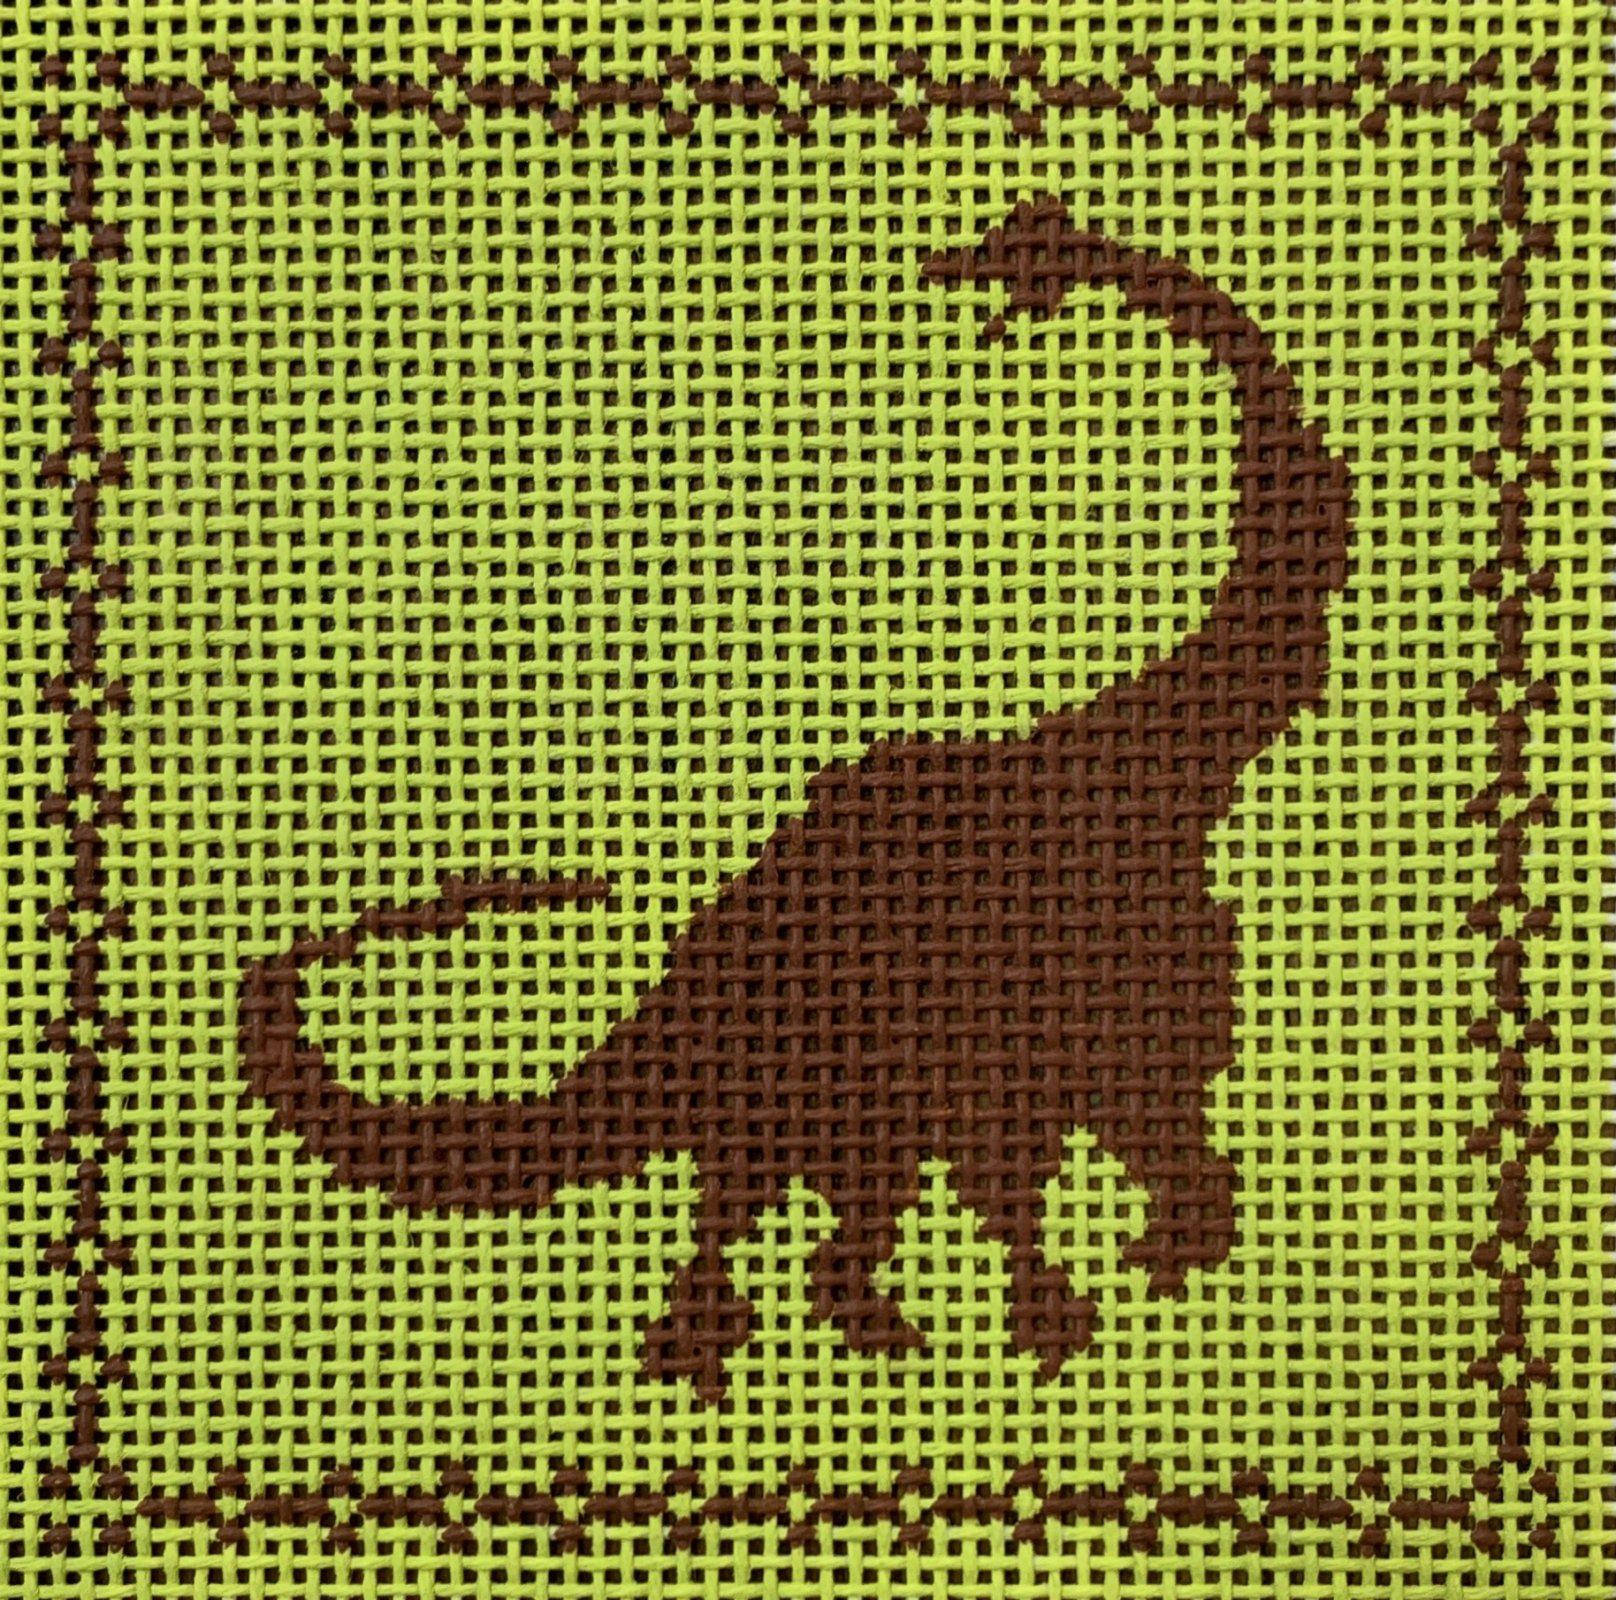 B/G Brontosaurus